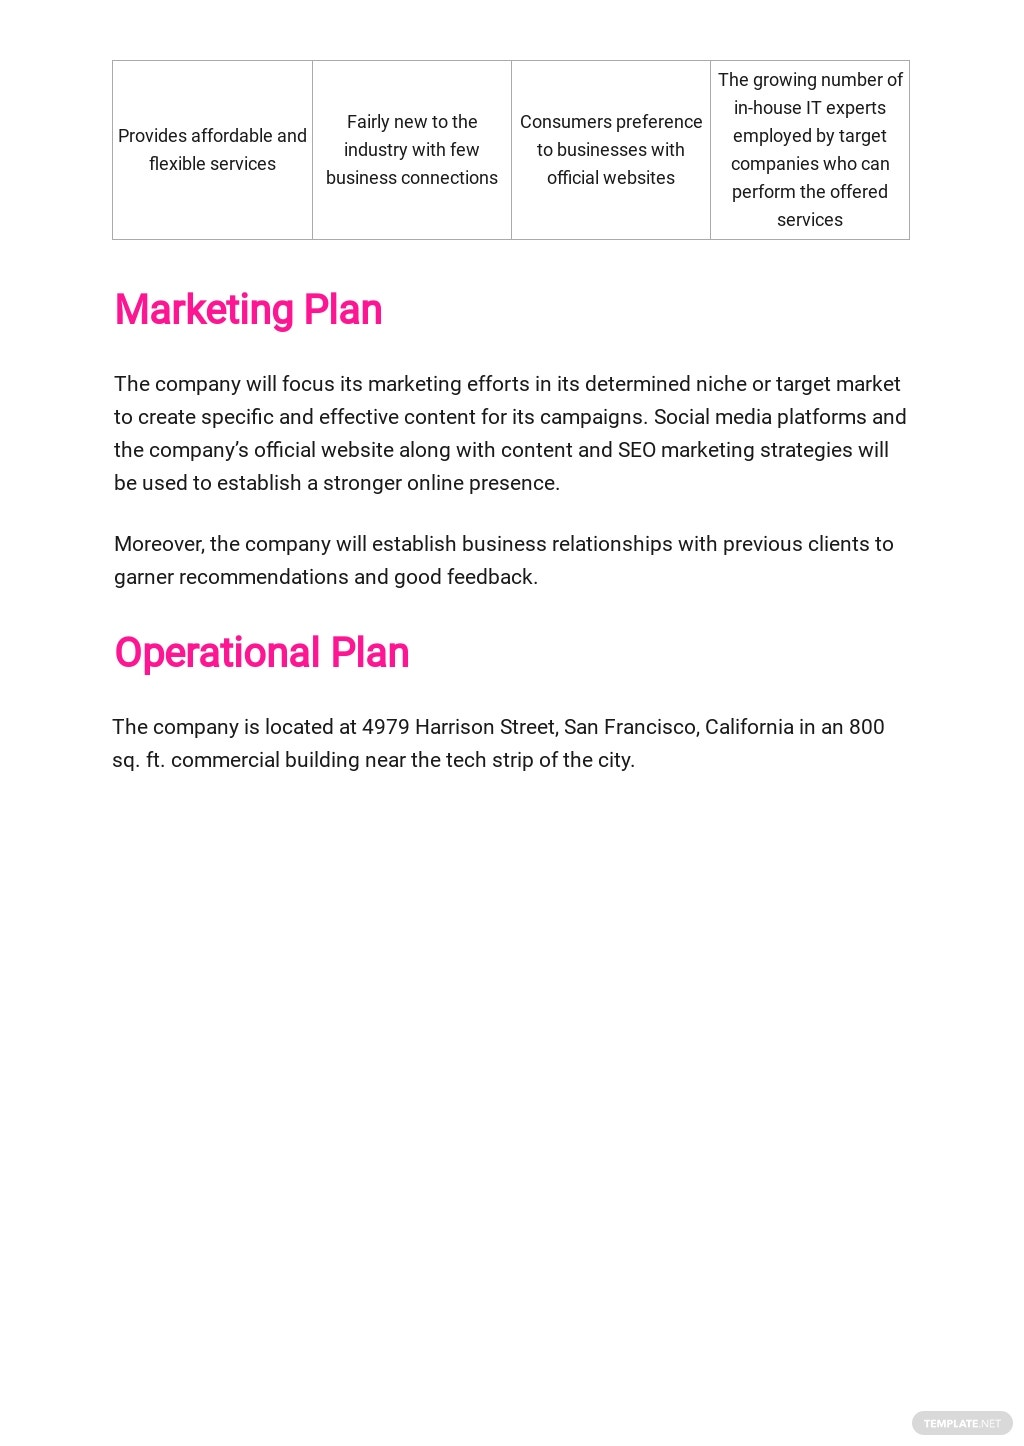 Website Design and Development Business Plan Template 4.jpe